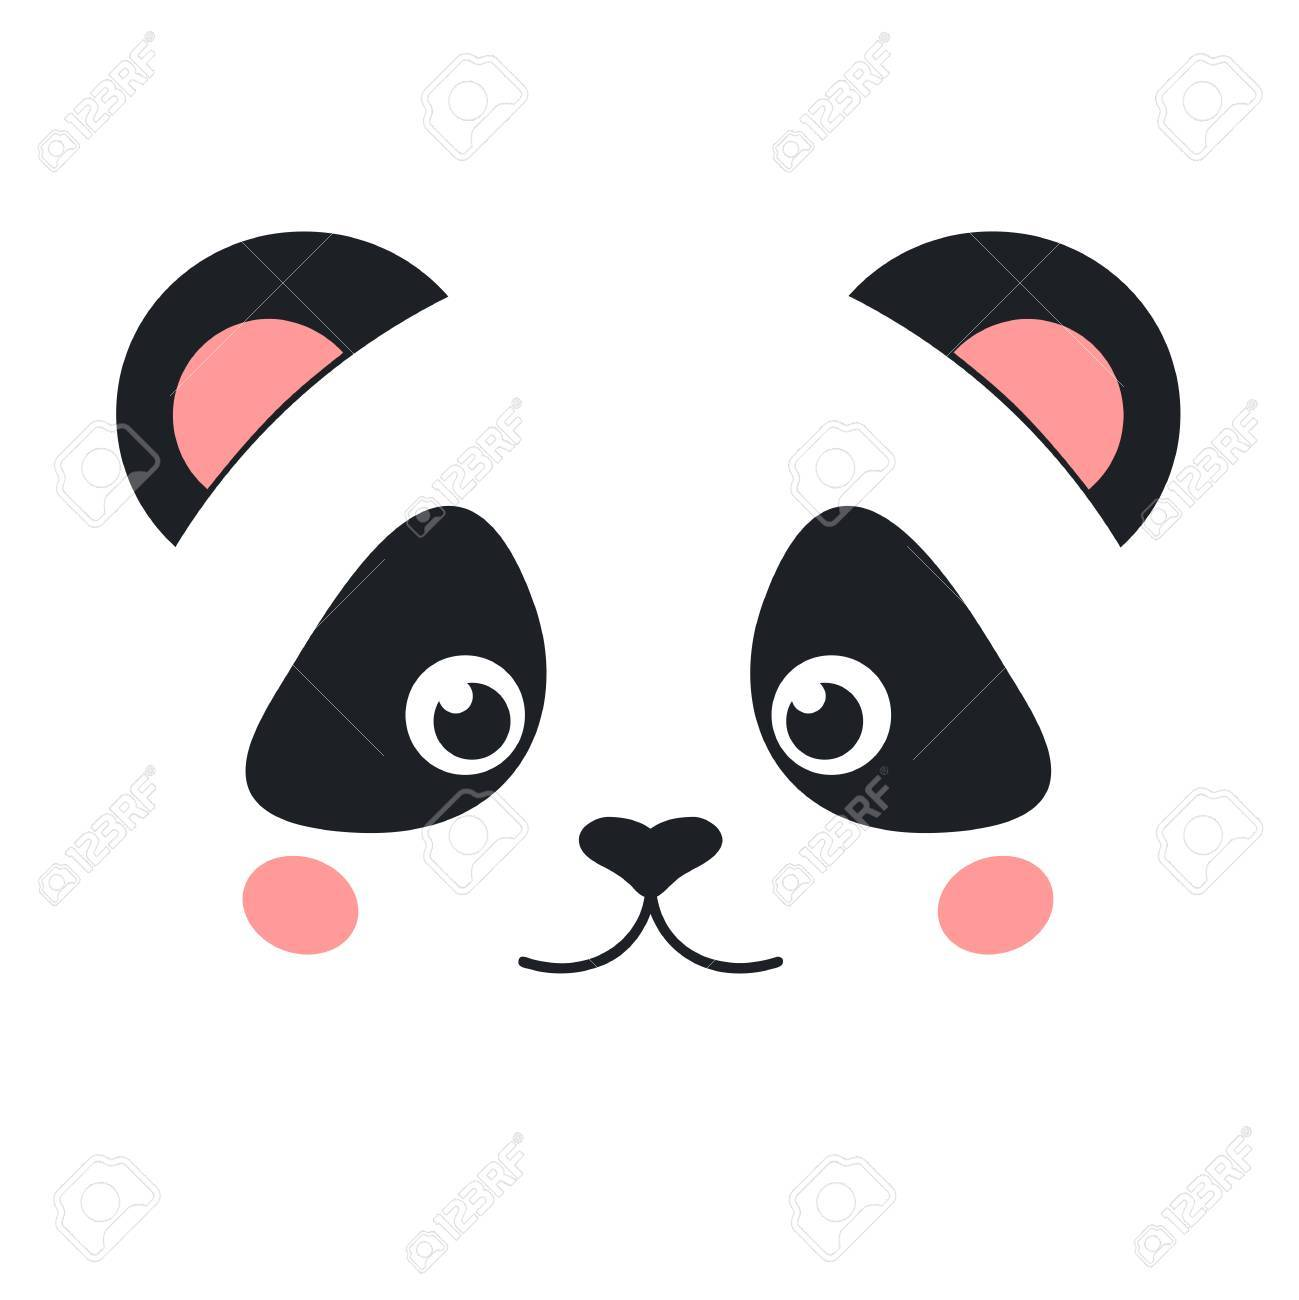 Cartoon panda face » Clipart Portal.